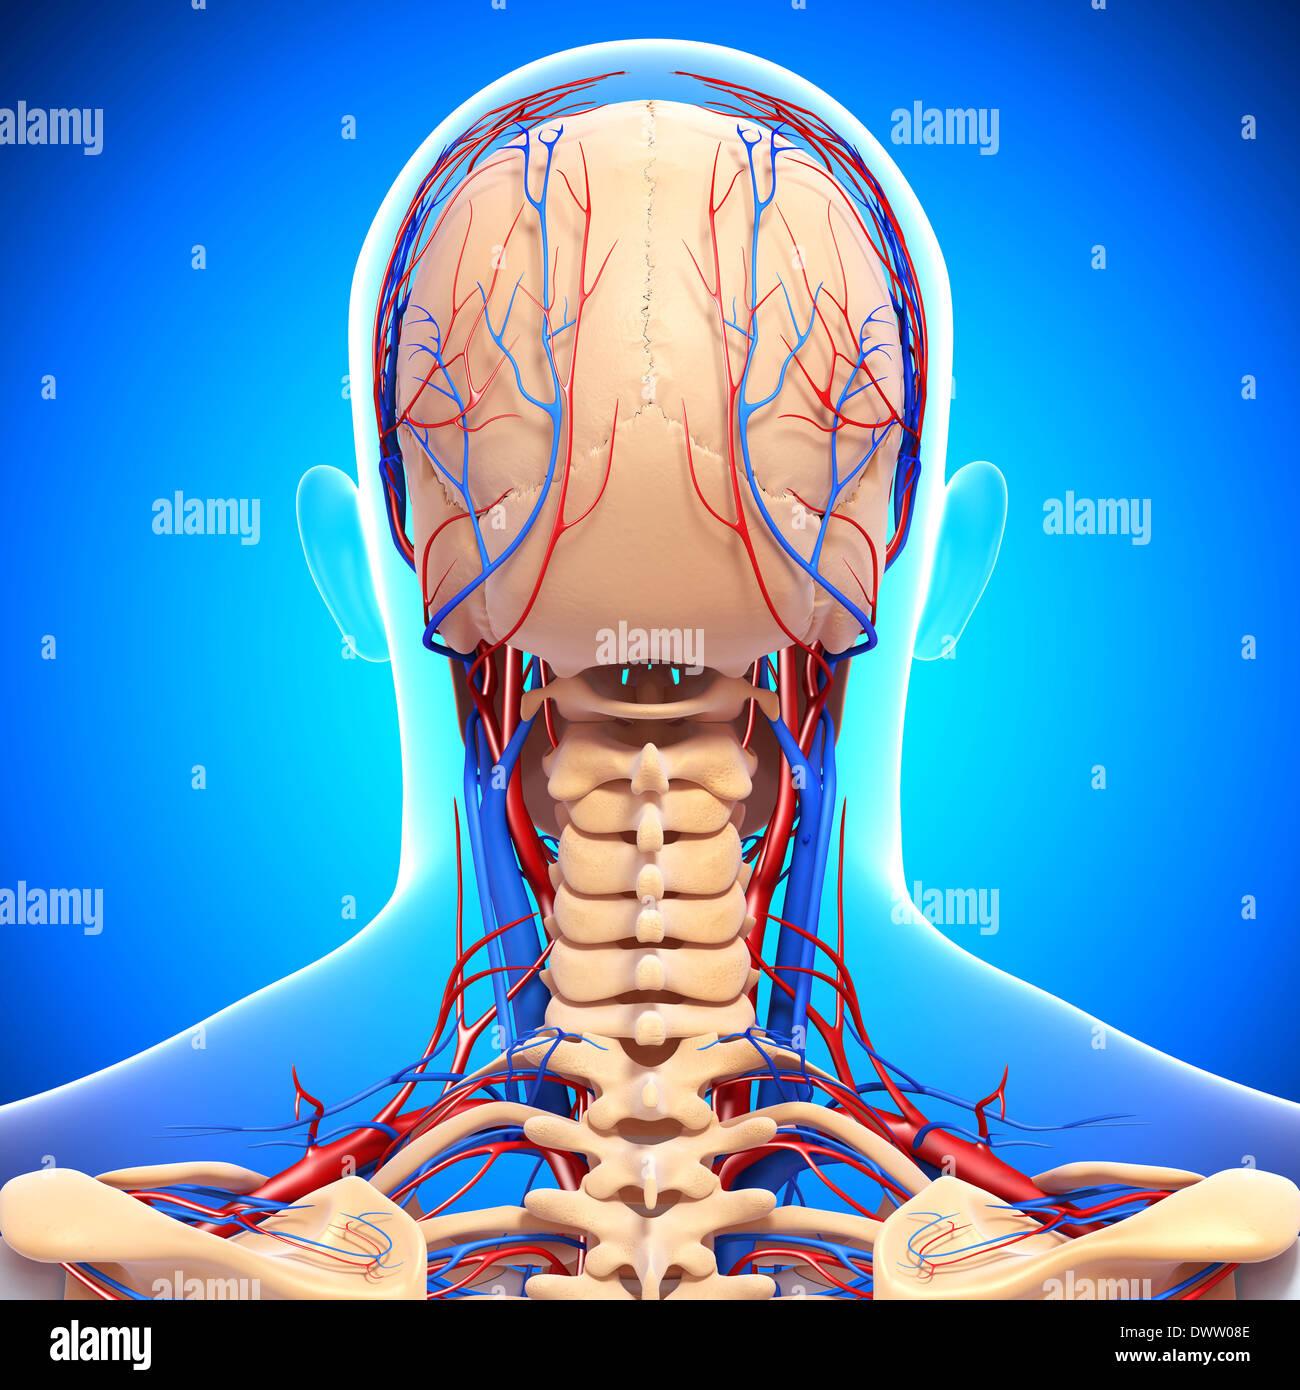 Arteriole Stockfotos & Arteriole Bilder - Seite 2 - Alamy